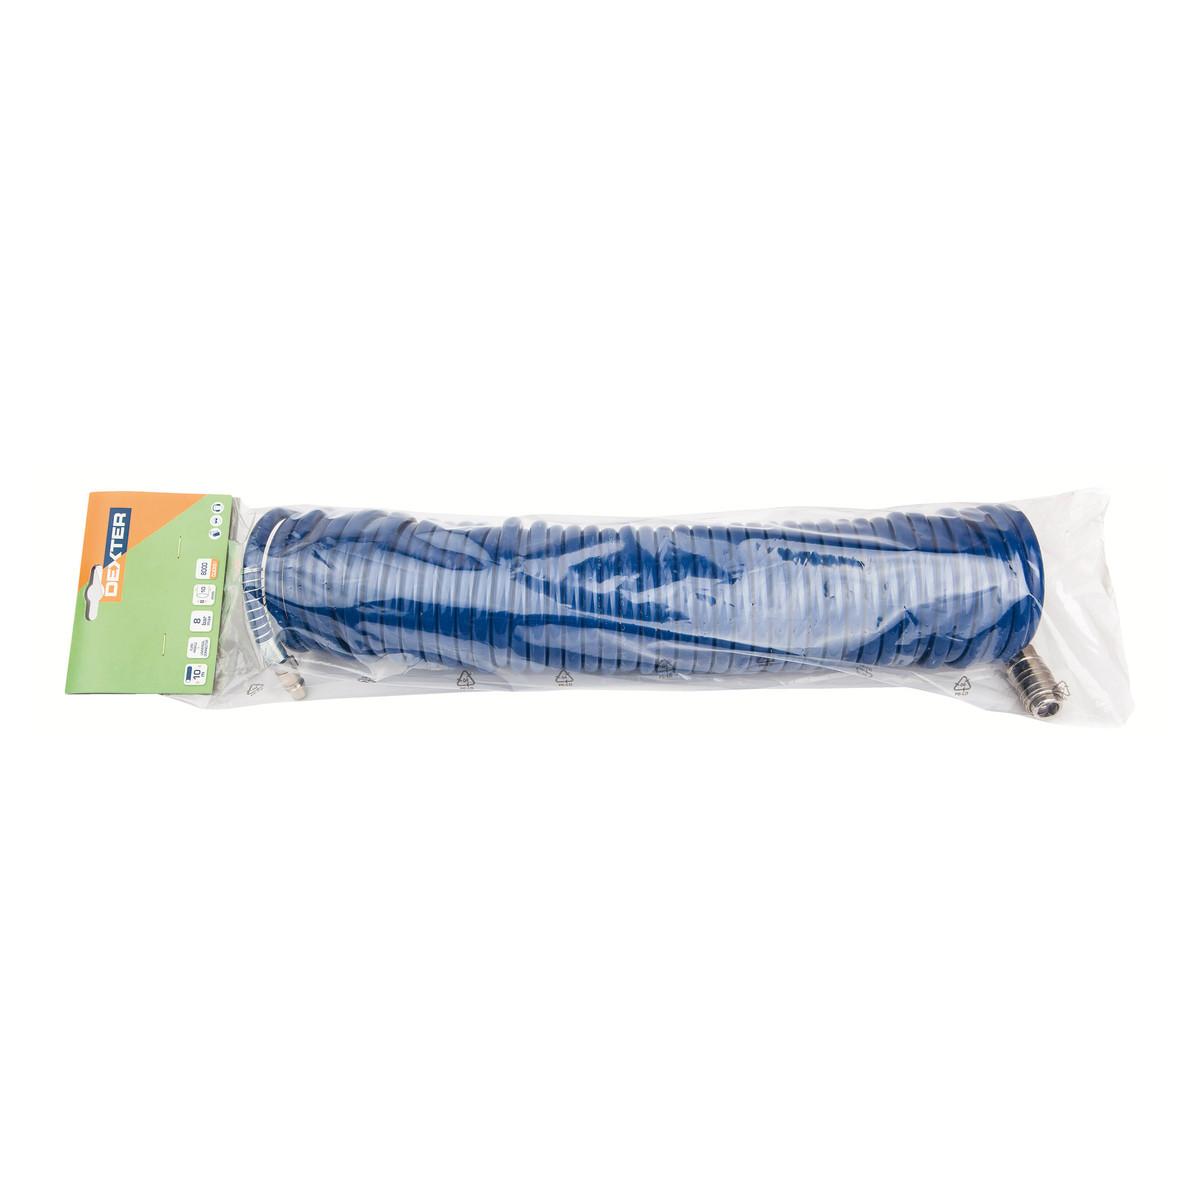 Scp tubo spiralato in pvc flessibile resistente prezzo e for Flessibile leroy merlin